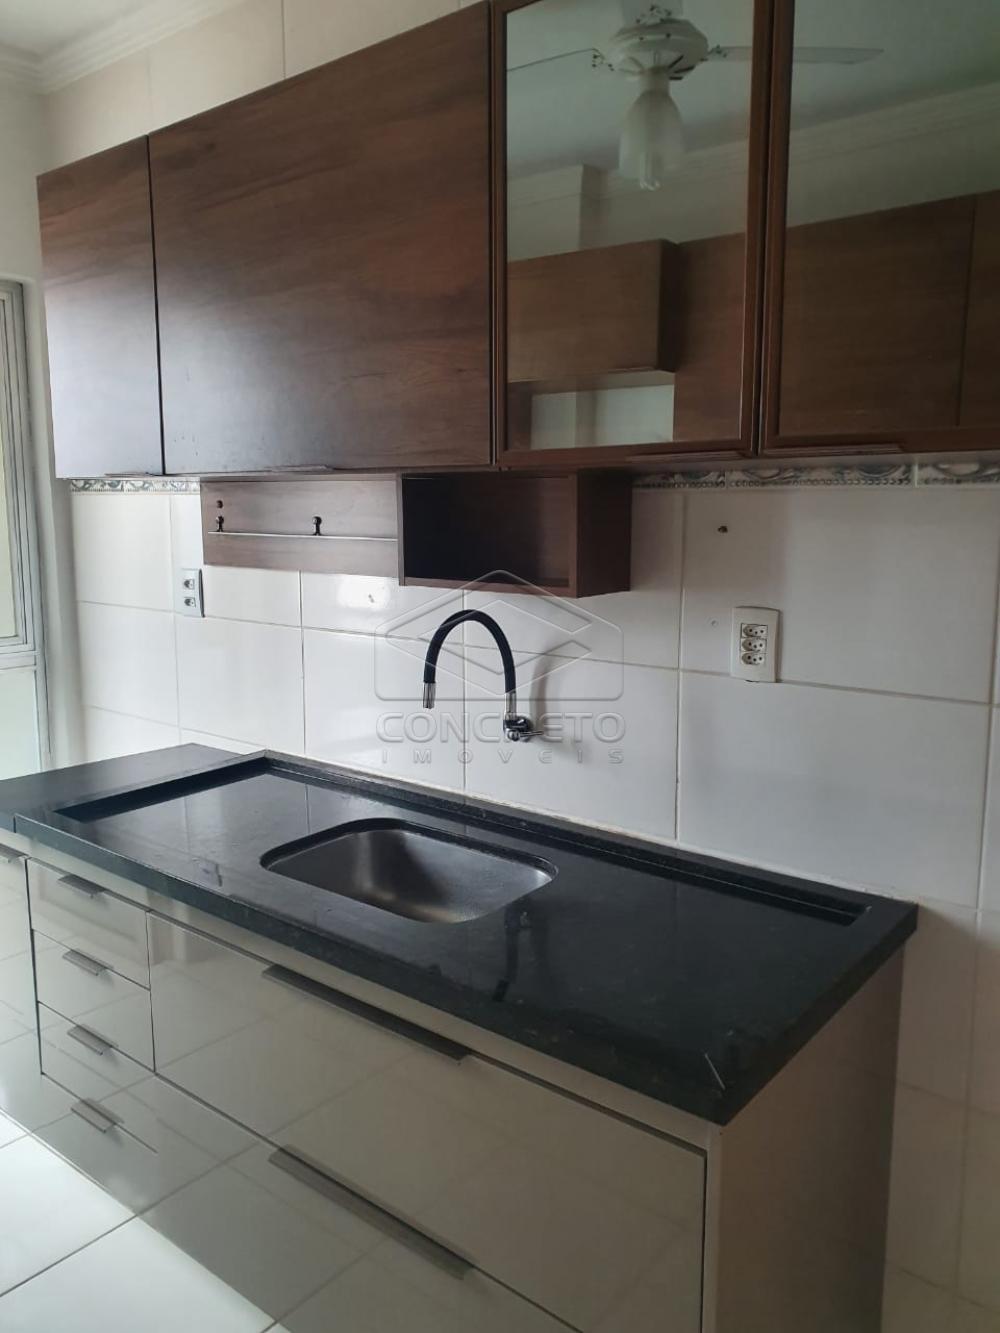 Comprar Apartamento / Padrão em Bauru apenas R$ 400.000,00 - Foto 22